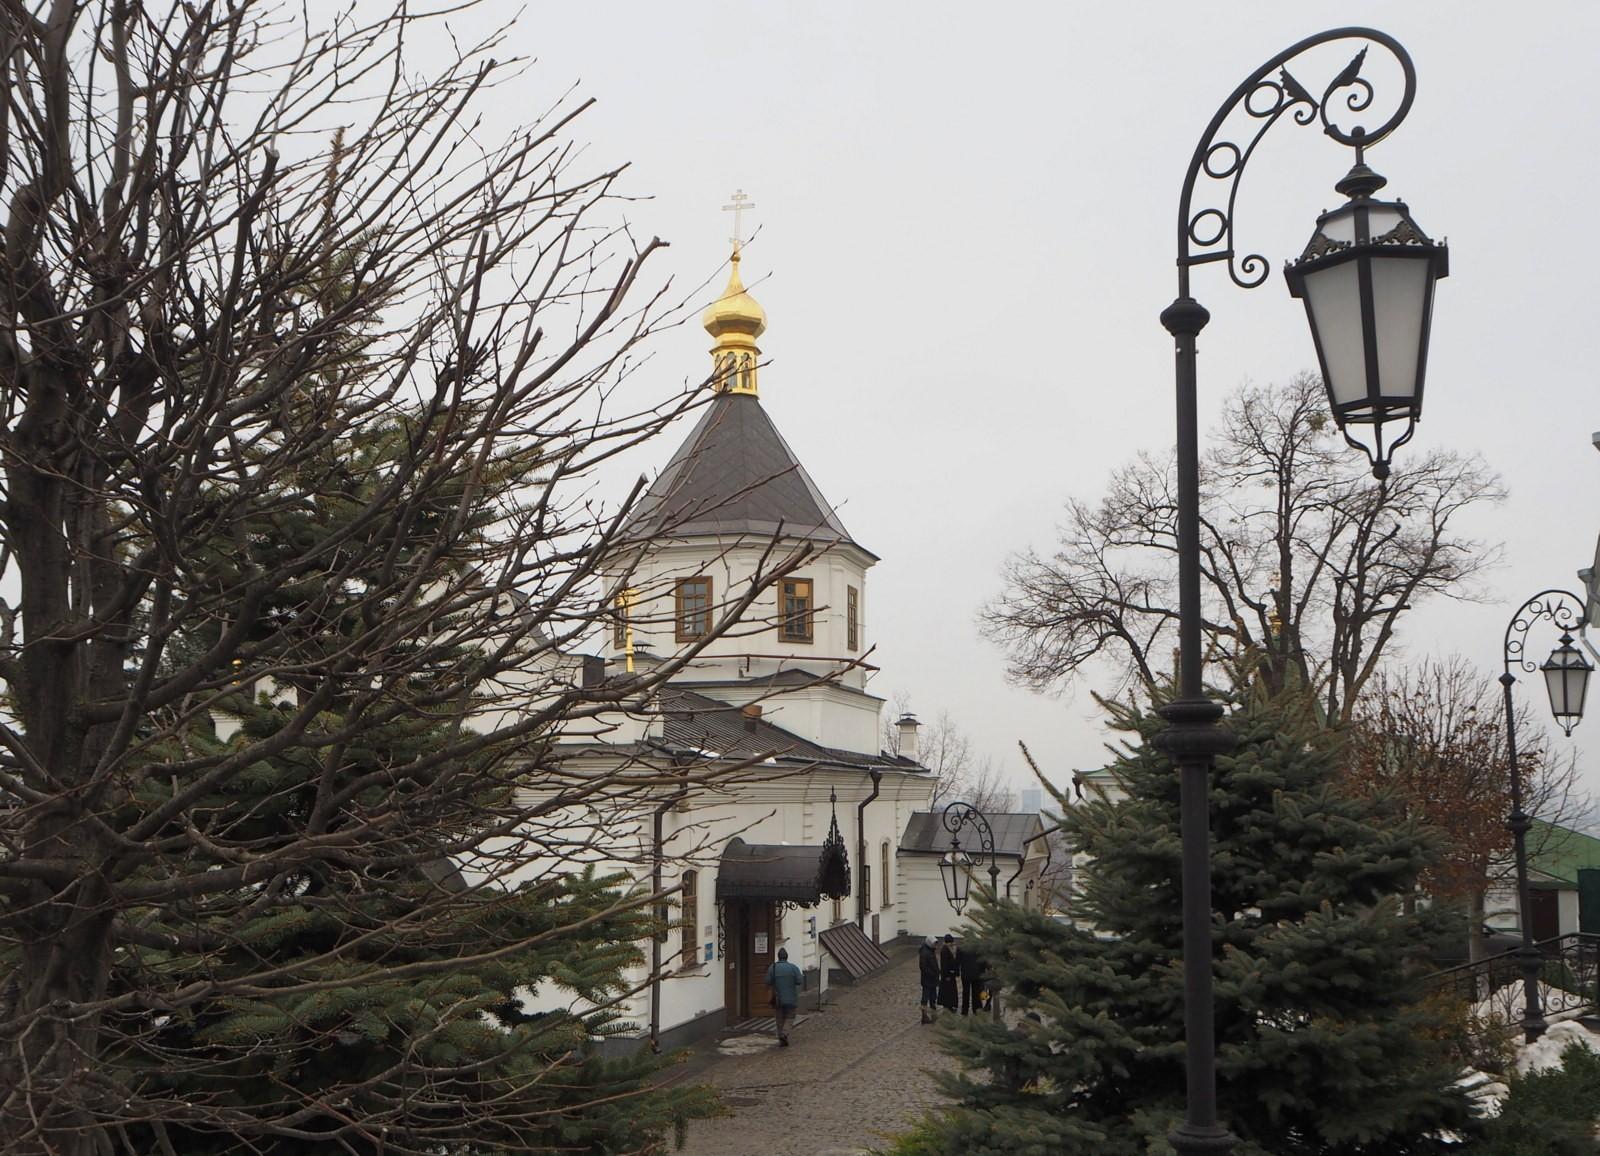 Kiova Pechersk Lavra